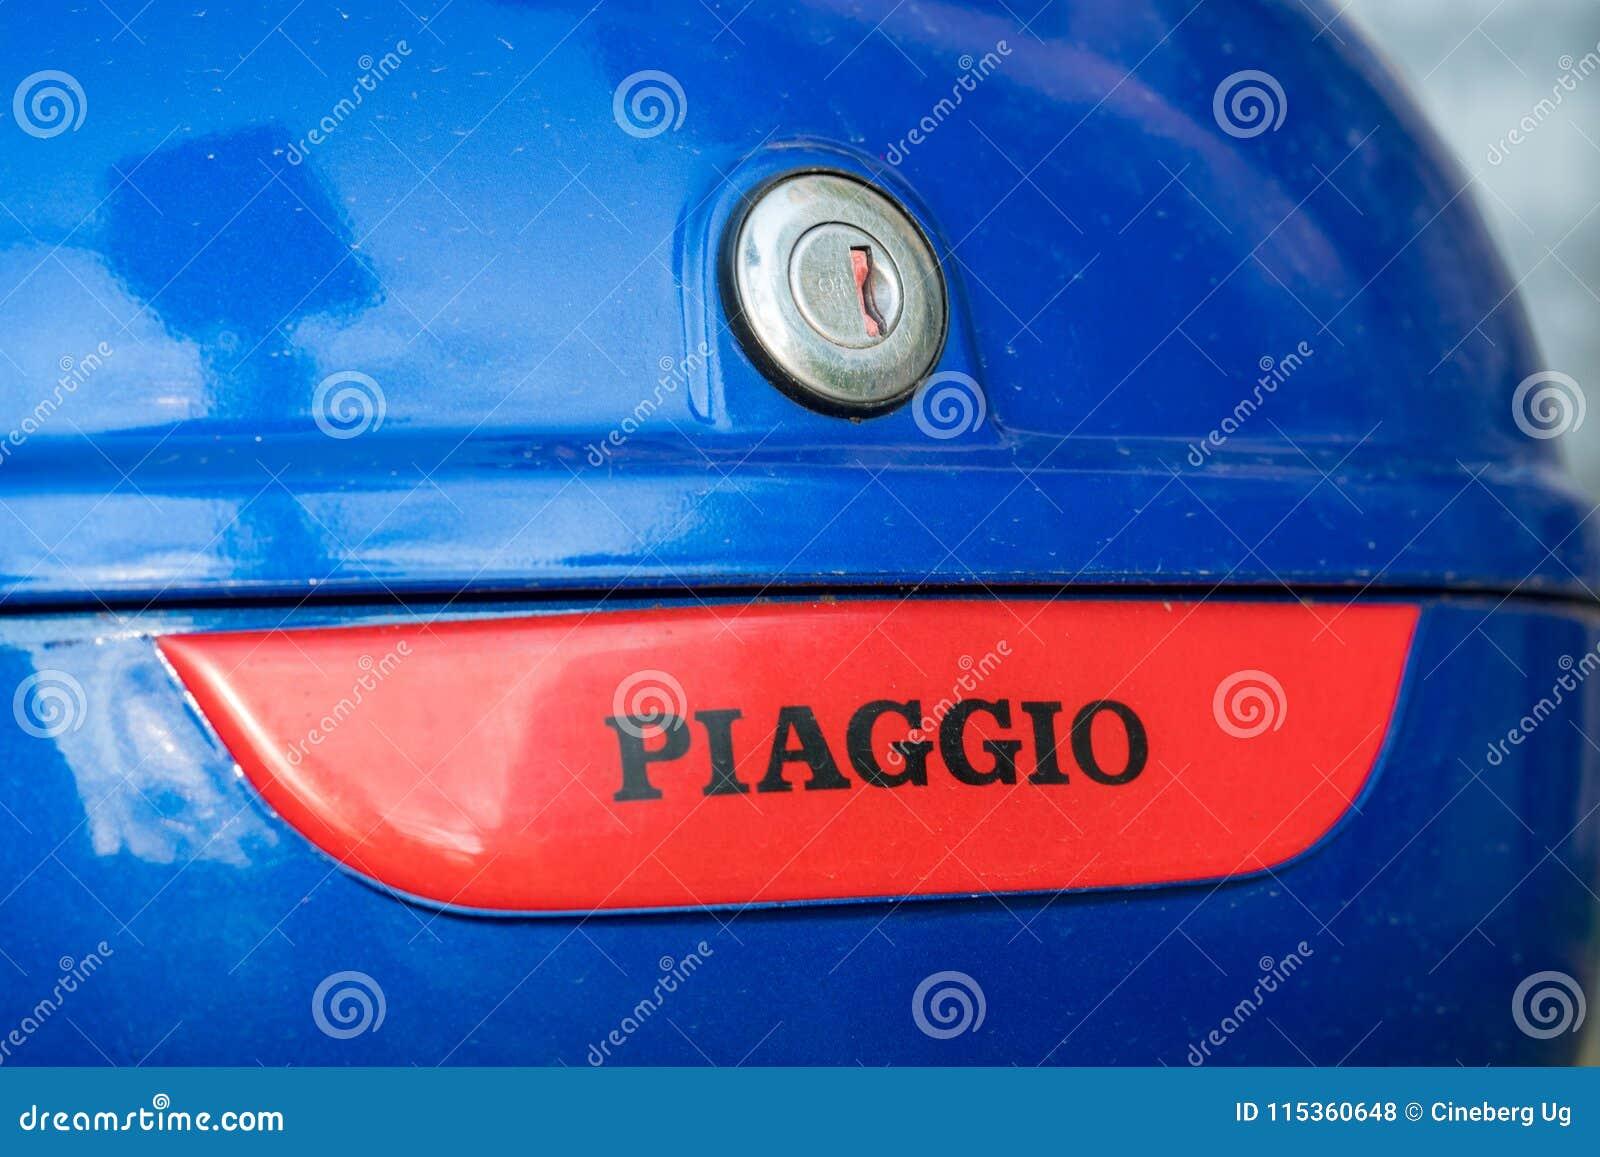 Piaggio Teken Op Motorfiets Hoogste Doos Redactionele Stock Foto